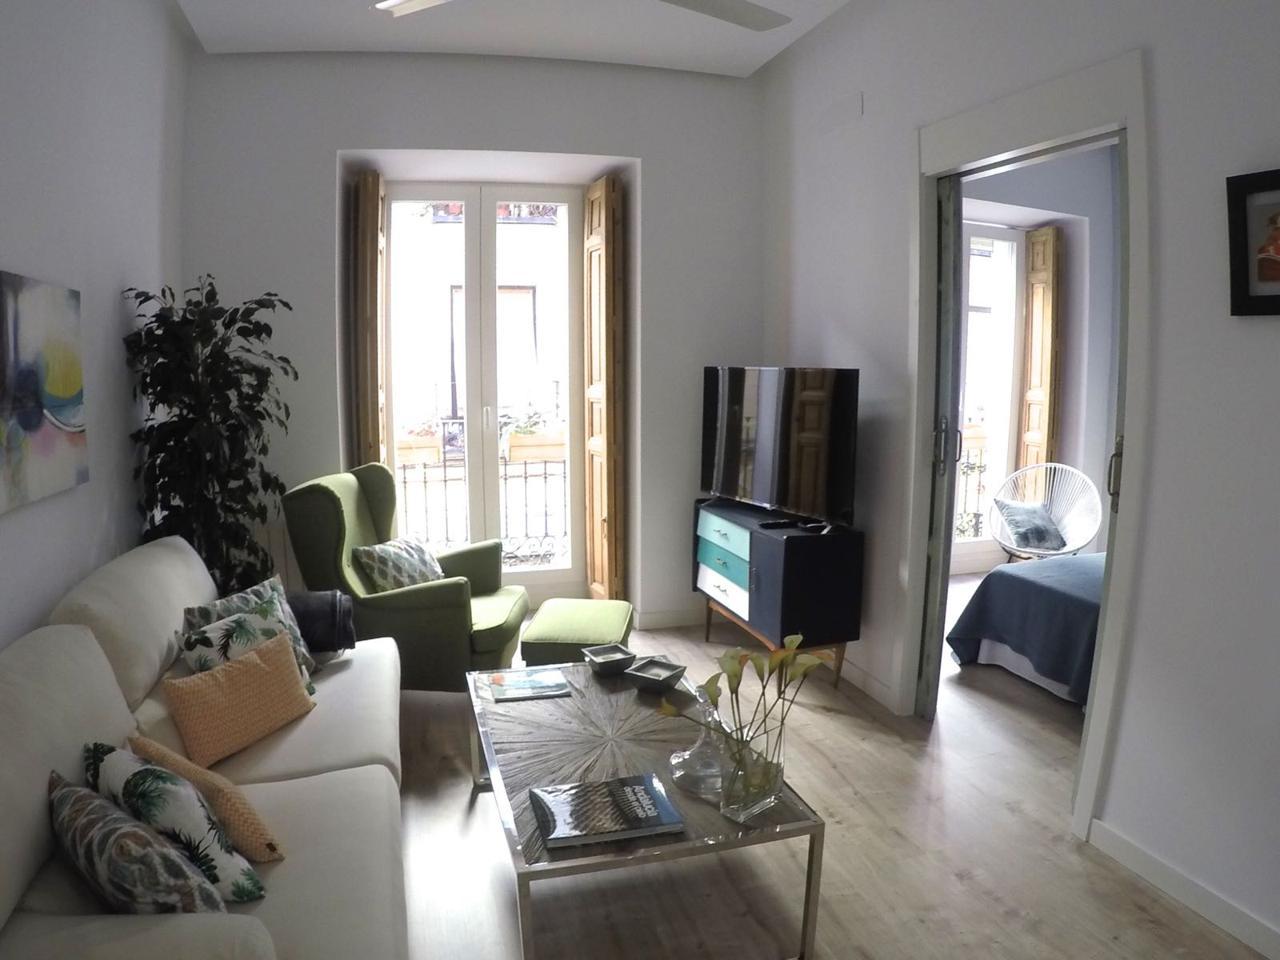 Piso en alquiler en madrid de 75 m2 - Renta de pisos en madrid ...